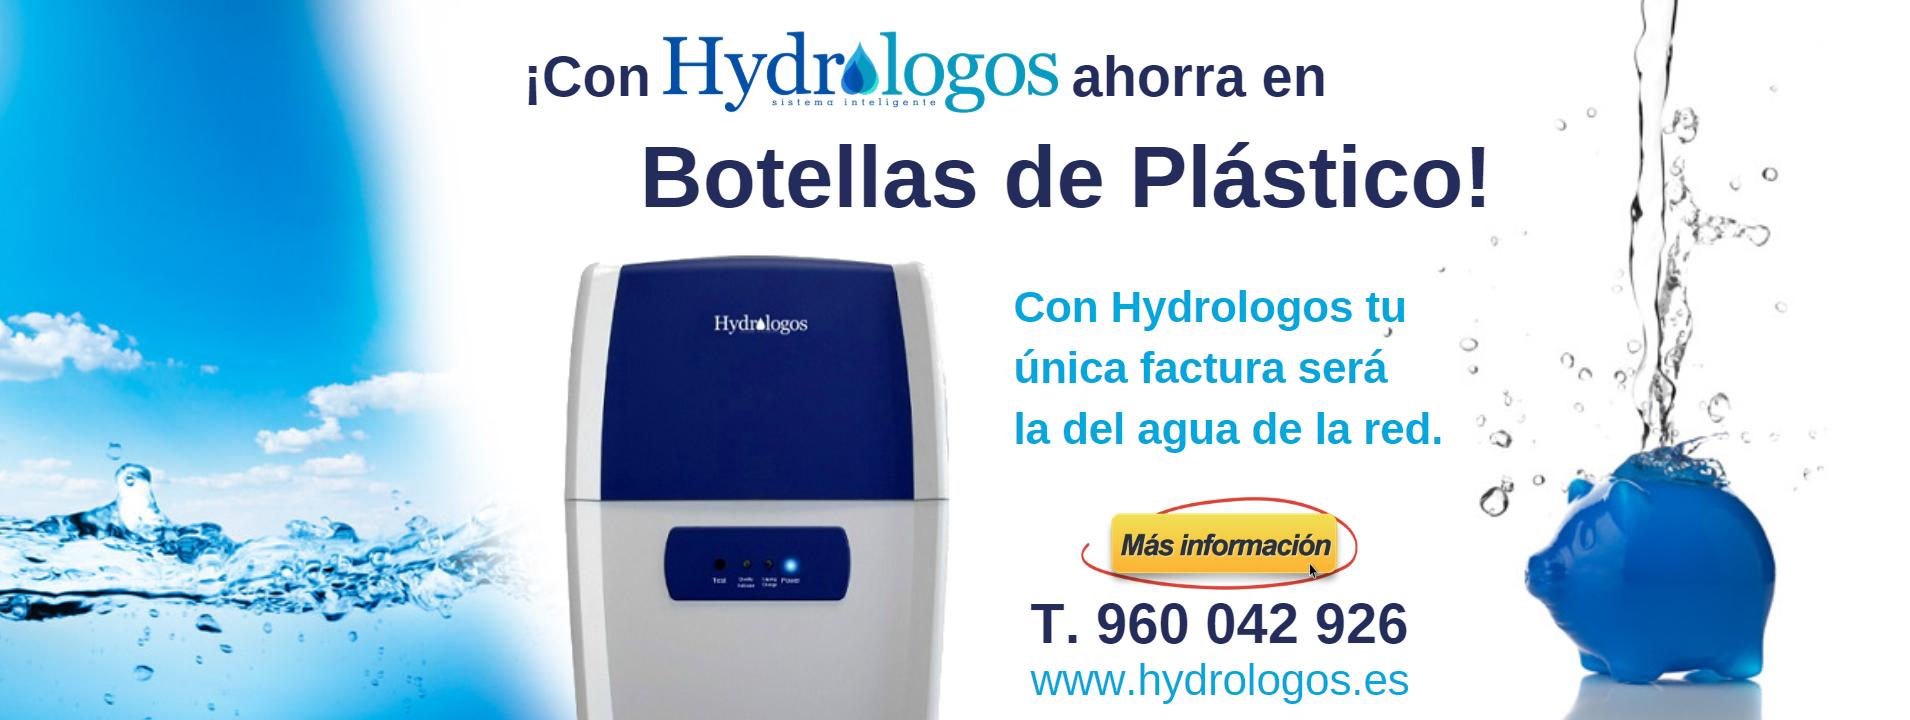 Hydrologos purificador de agua valencia